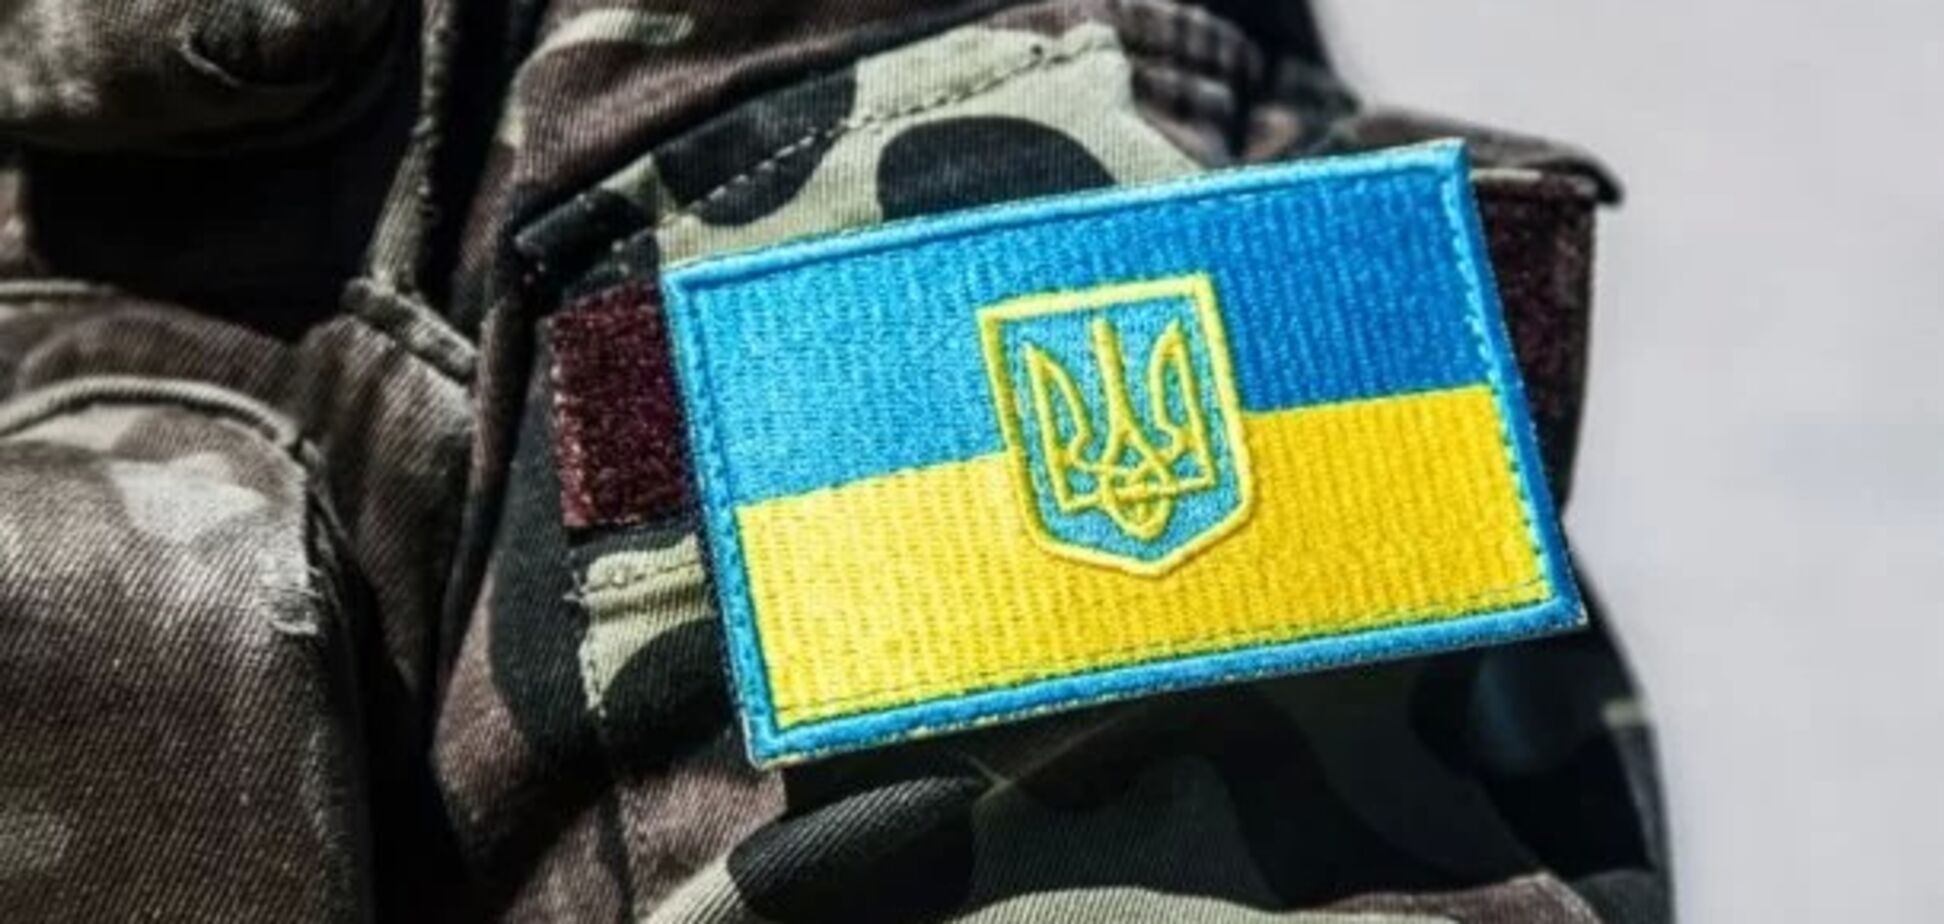 'У кіно таке не покажуть': українців вразив героїзм пораненого АТОшніка